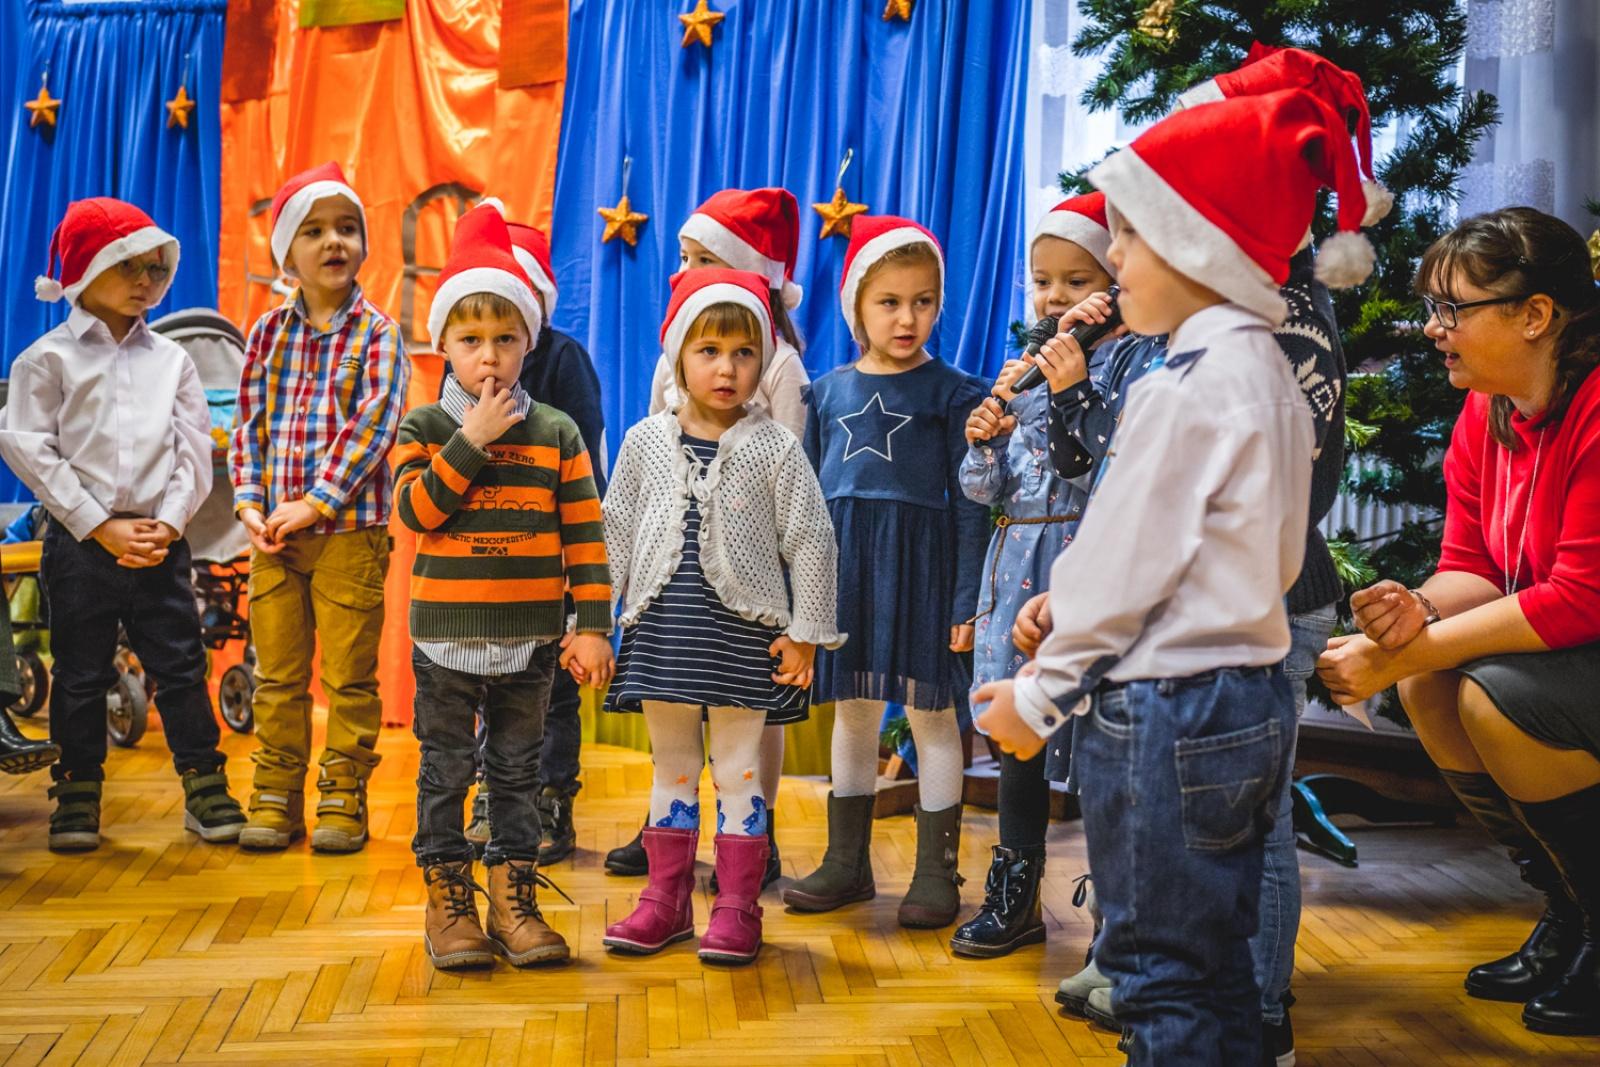 Weihnachtsmarkt W.Weihnachtsmarkt W Bolesławiu Gmina Krzyżanowice Serwis Oficjalny